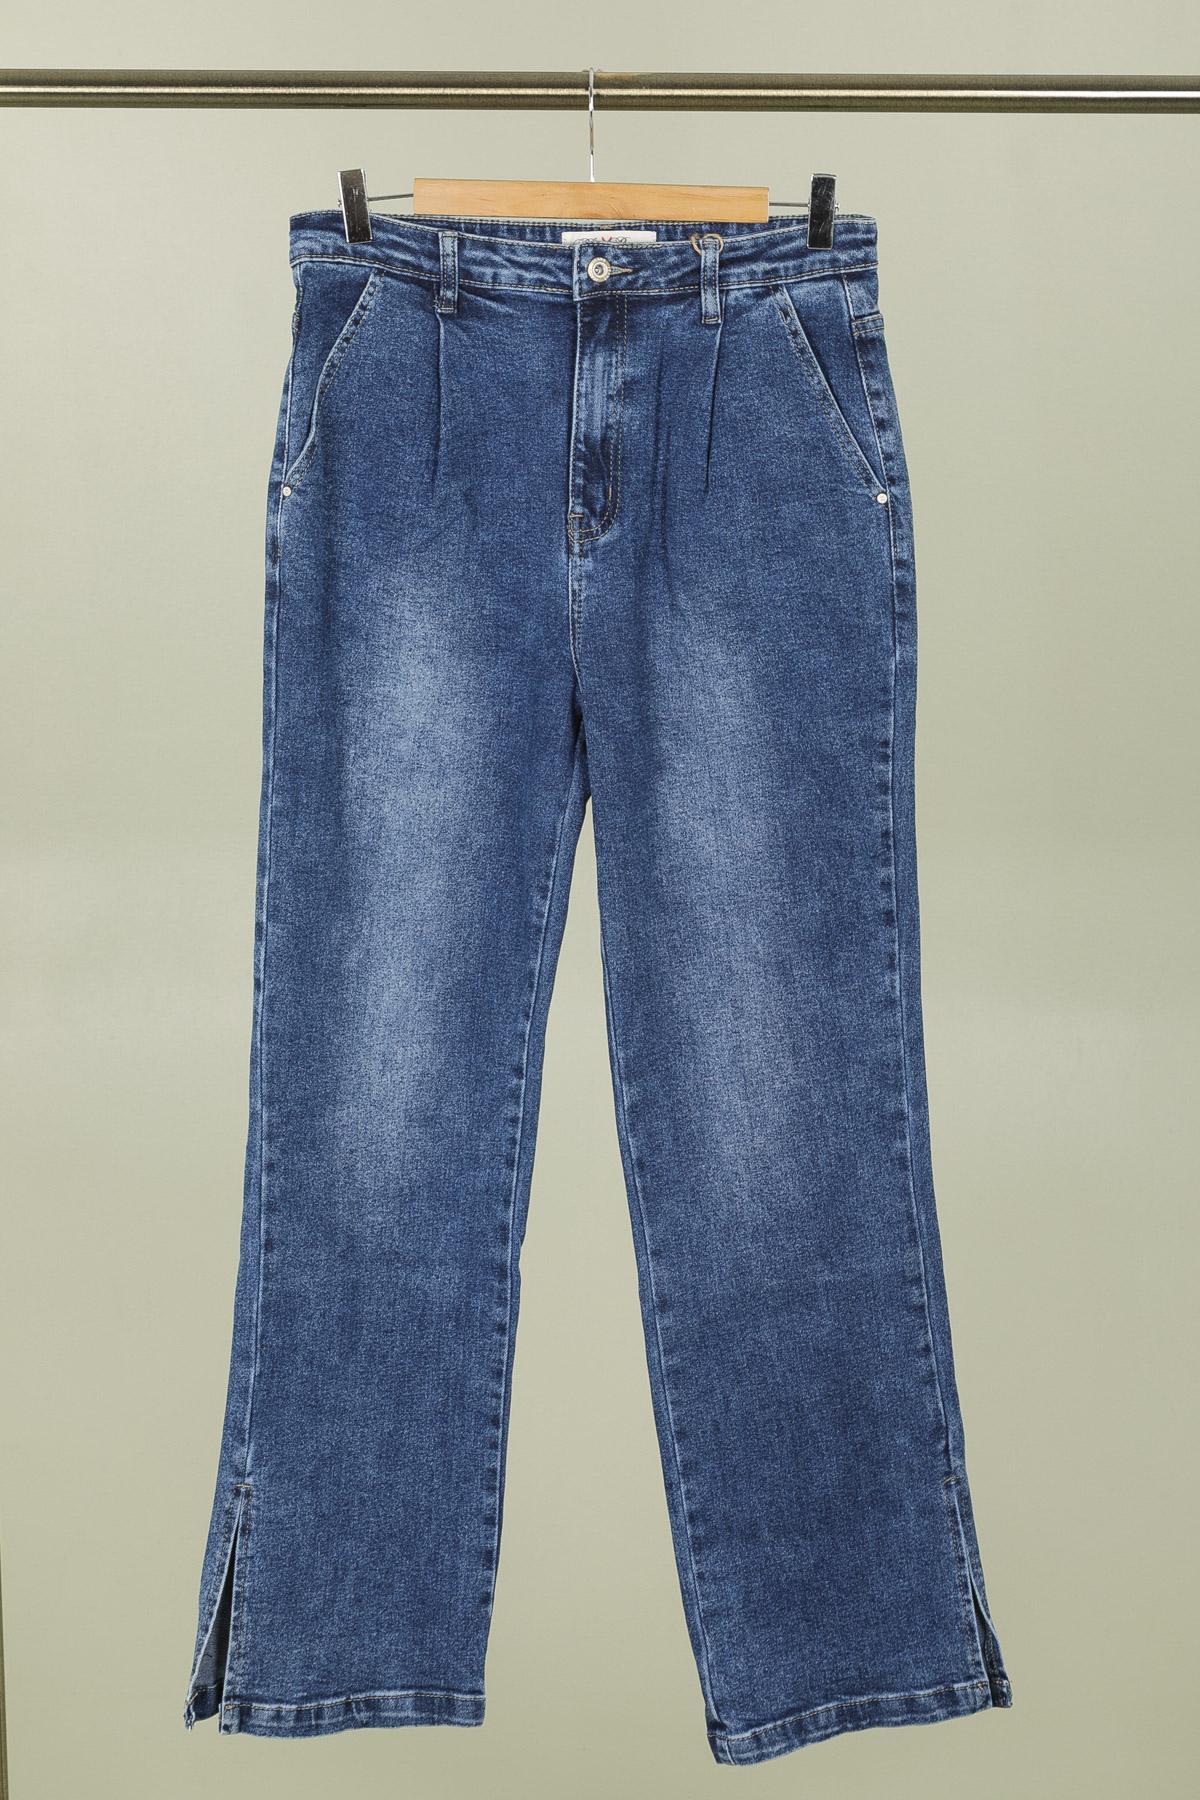 Jeans Femme Bleu jean Blue Rags 34372-2 #c Efashion Paris